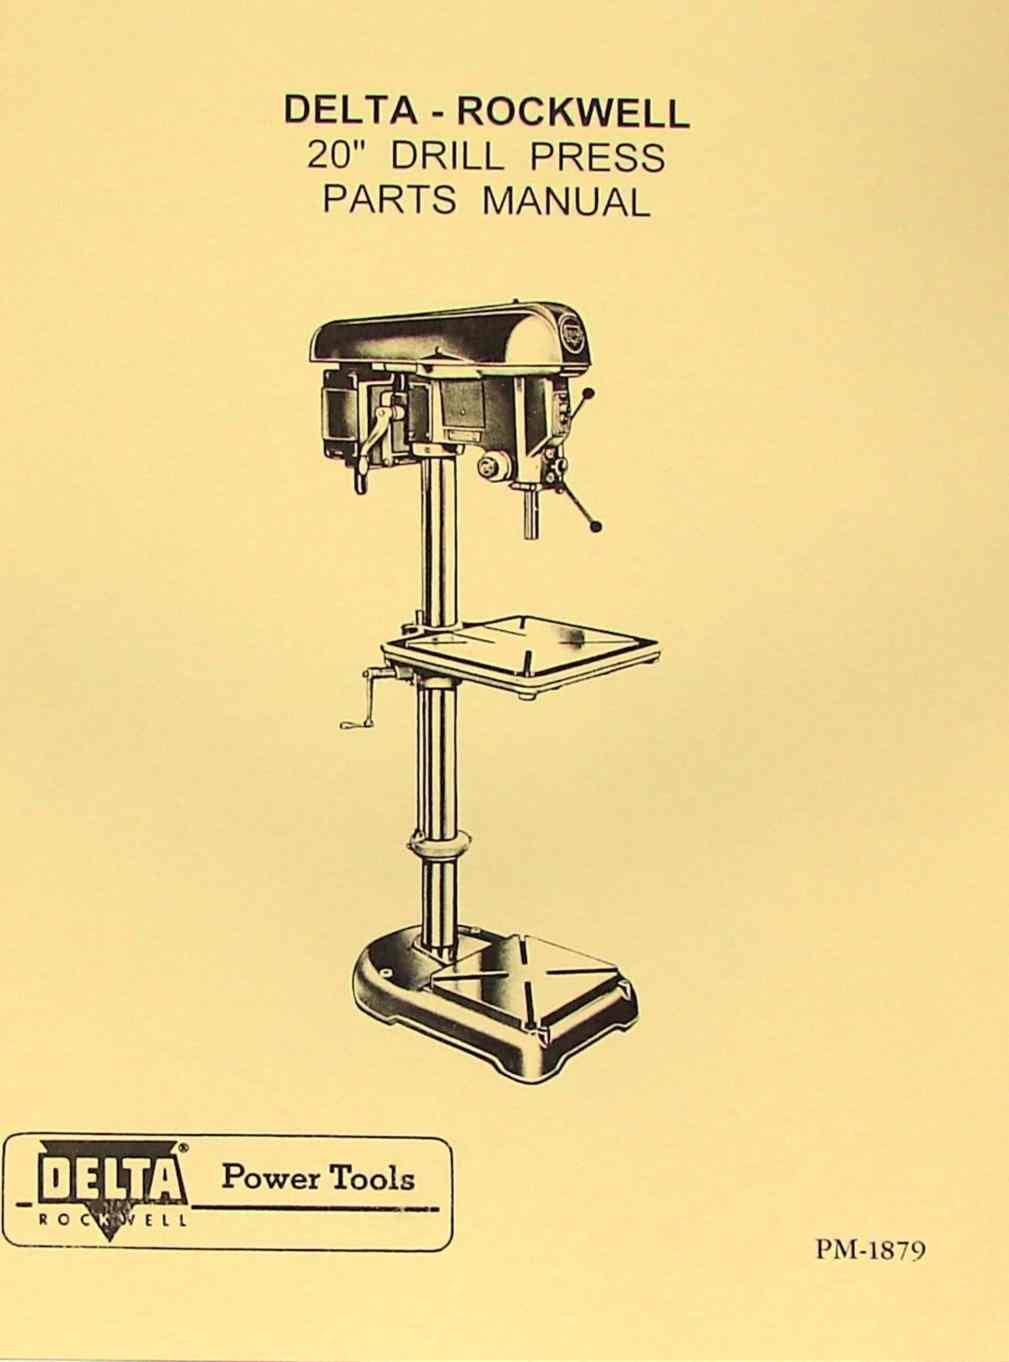 rockwell delta 20 drill press dp1171 head operators parts manual rh ozarktoolmanuals com delta 12 drill press manual delta 12 drill press manual